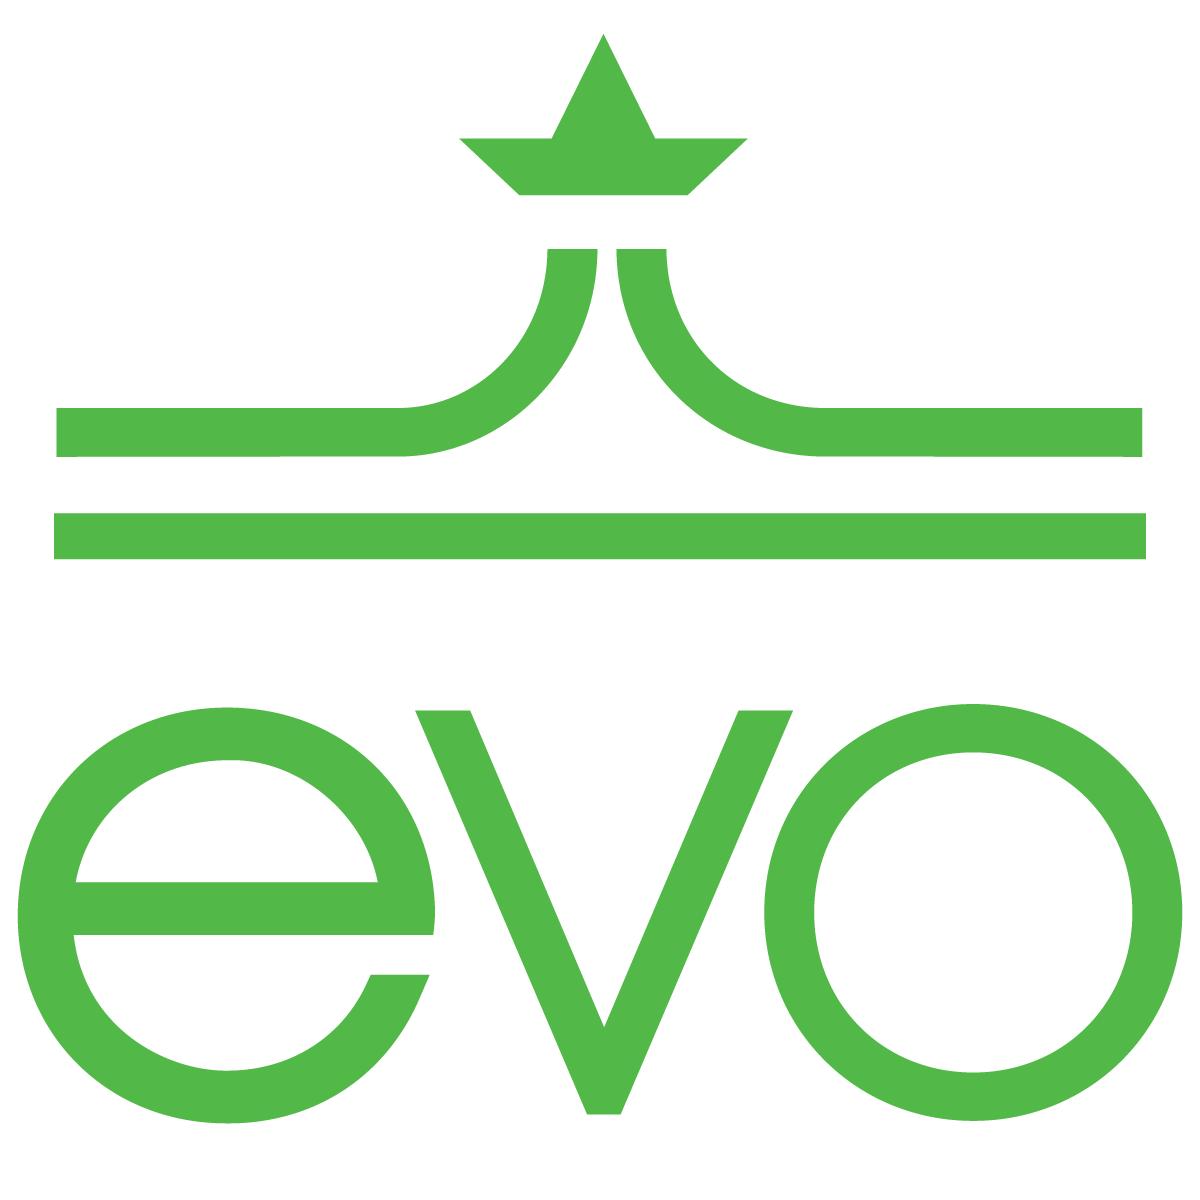 evo's Logo